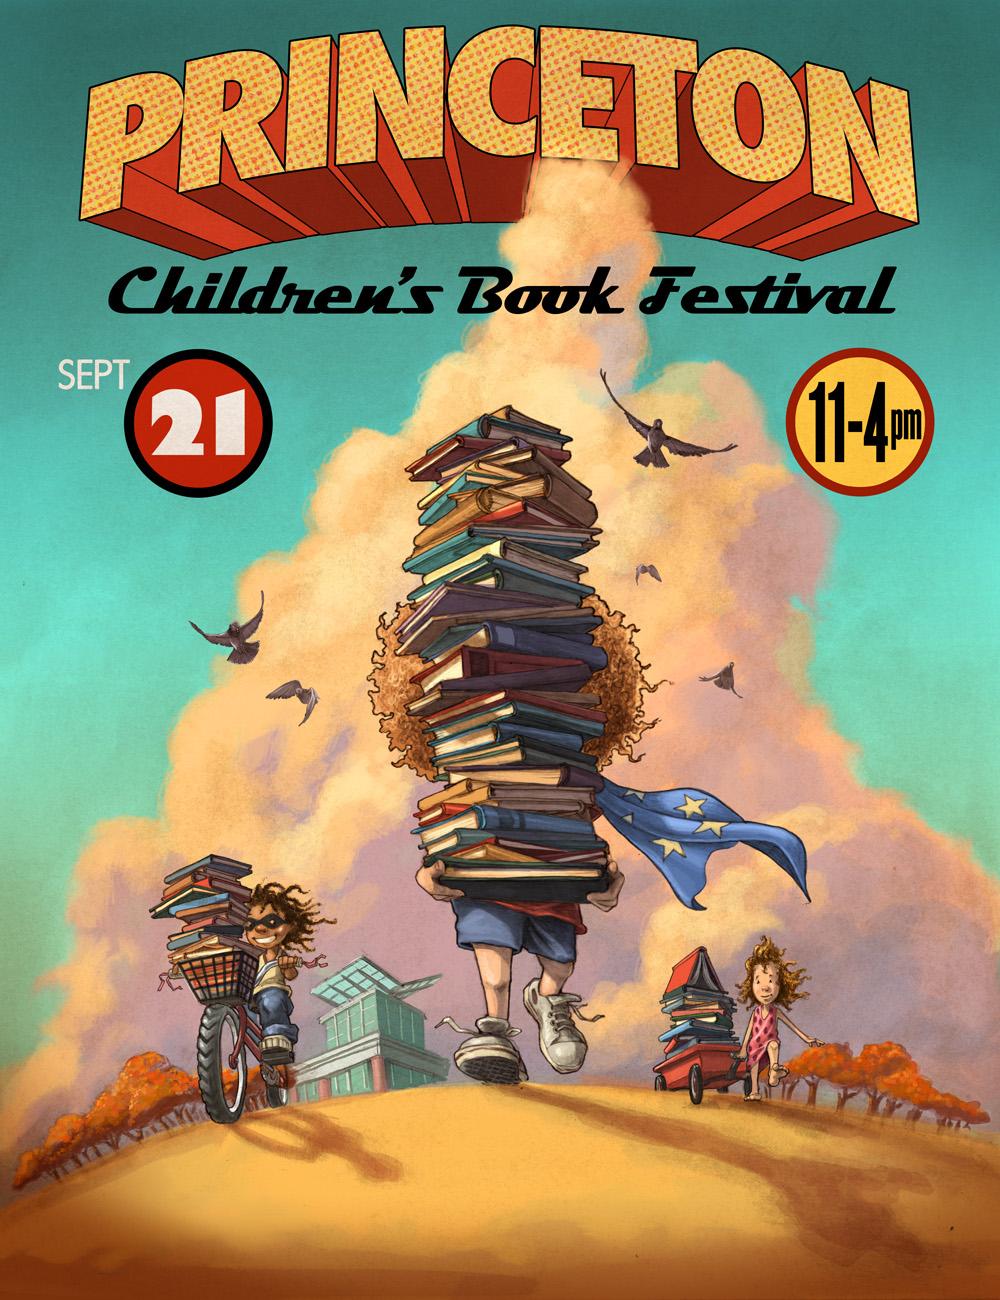 The 8th Annual Princeton Children's Book Festival